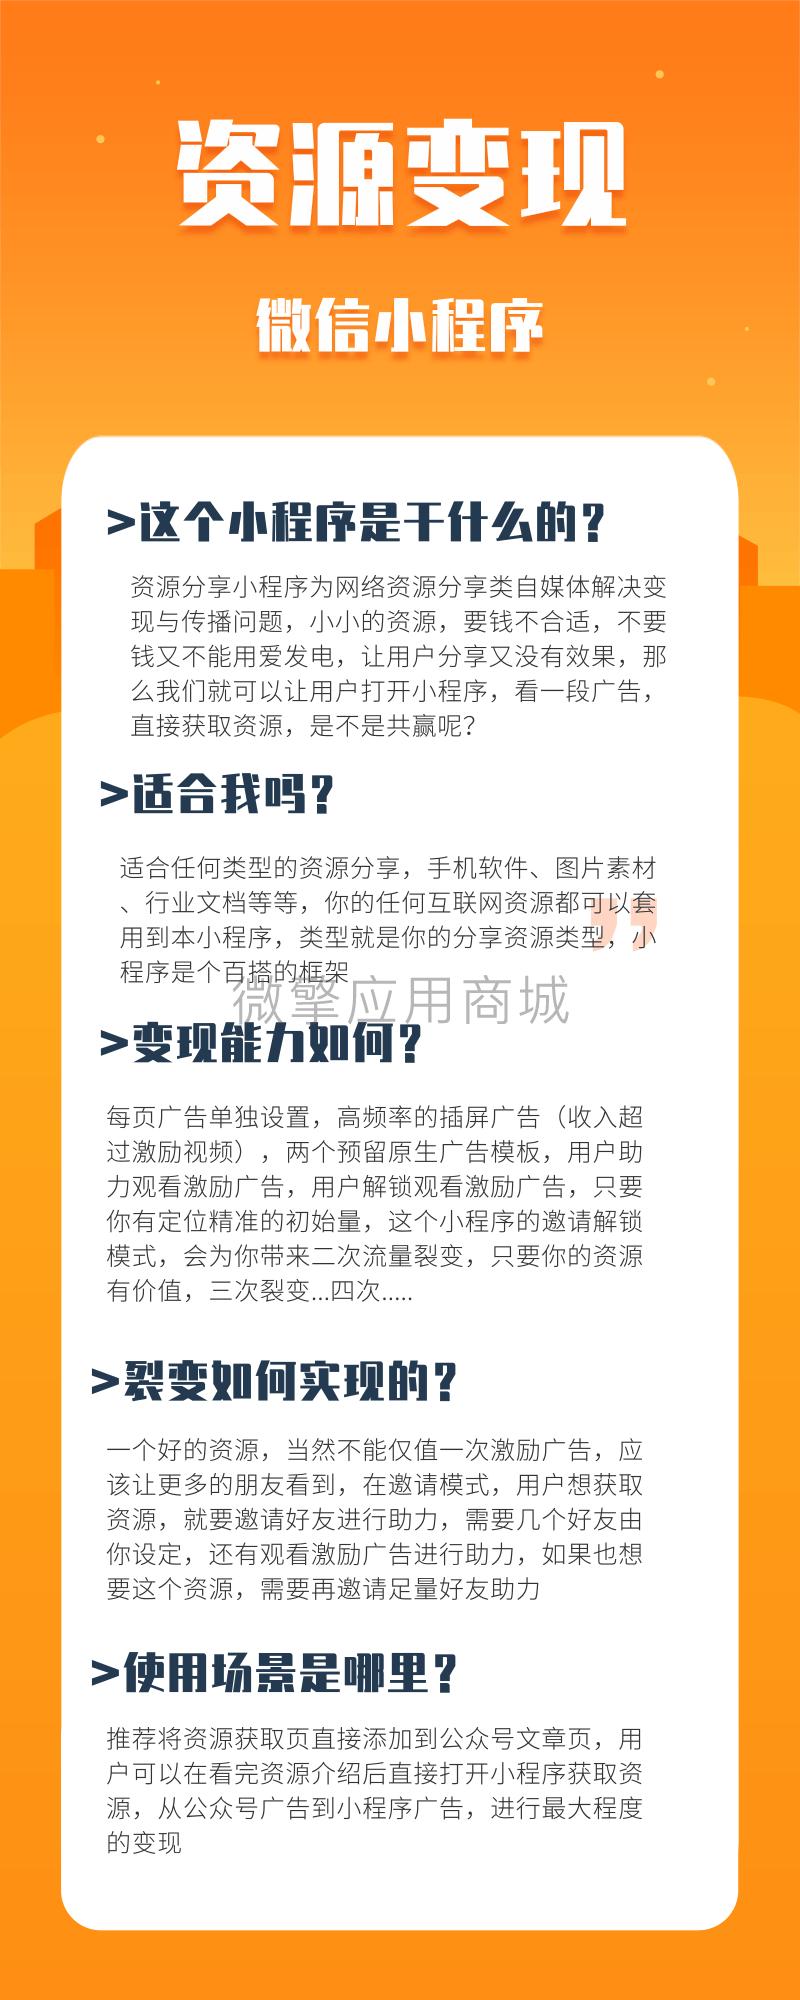 扁平插画风家庭保险宣传营销长图.png